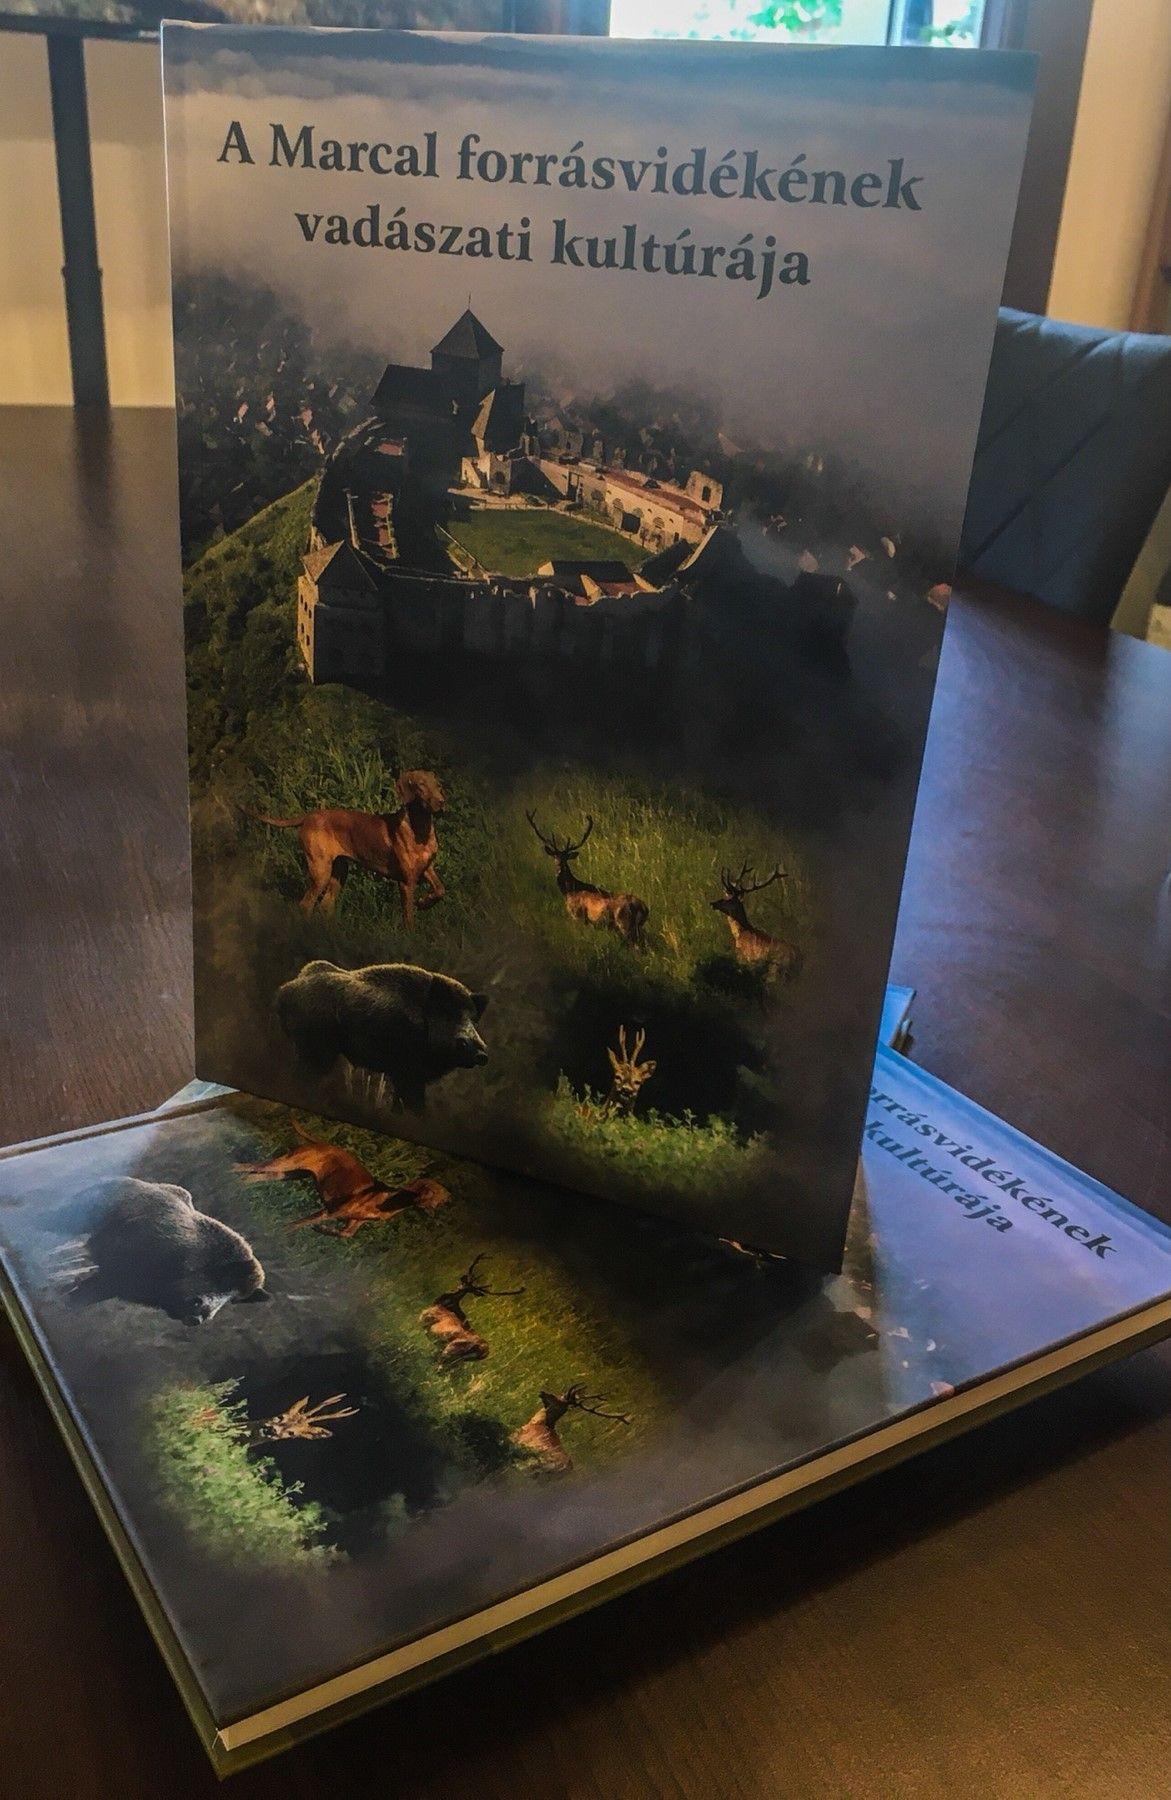 Vadászati kiadvány jelent meg a könyvbemutatón